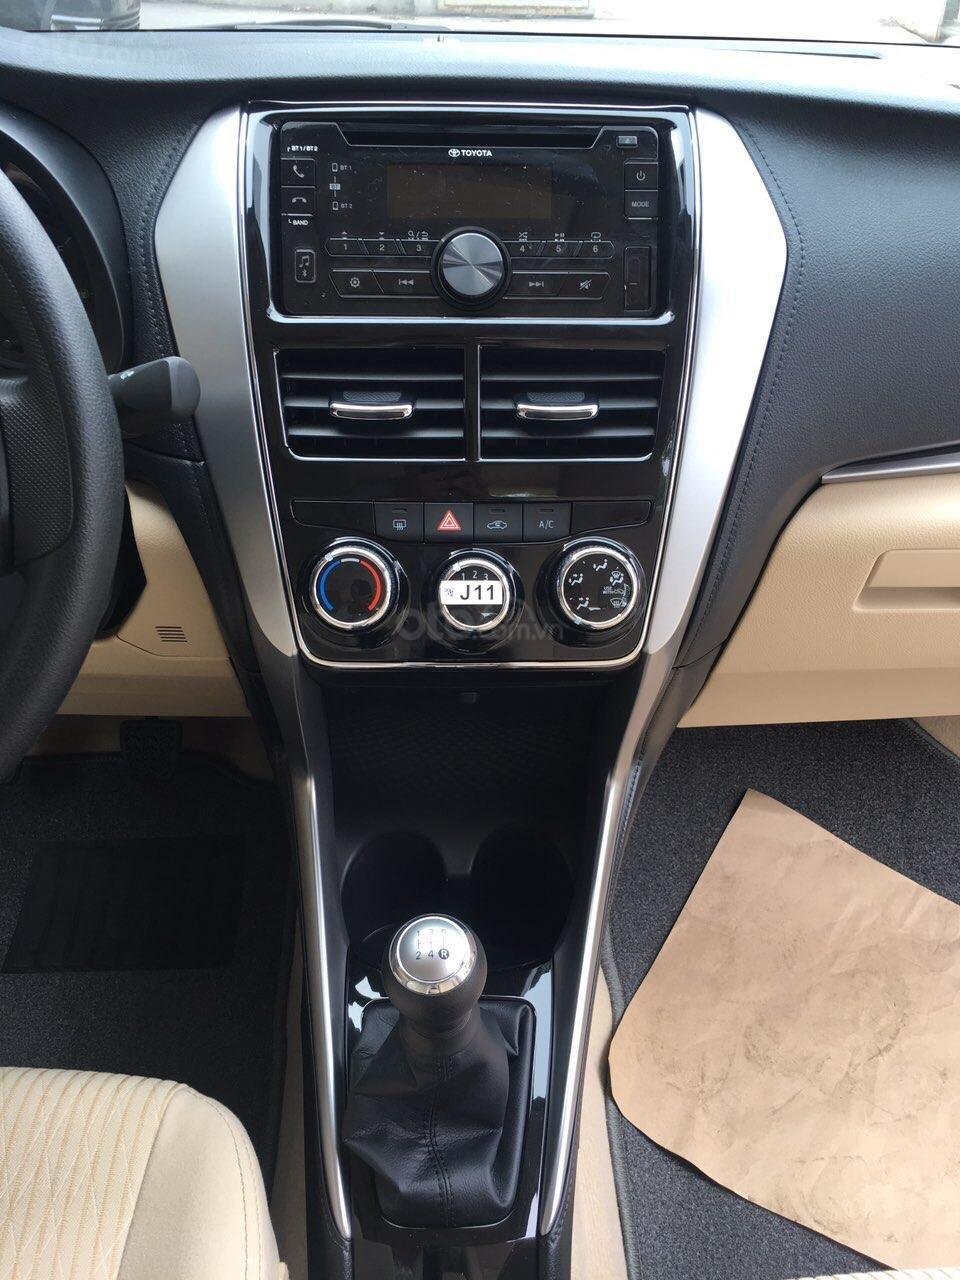 Toyota Vios số sàn, nhận xe chỉ 120Tr, giao ngay, đủ màu, giảm tiền mặt, tặng BH thân vỏ (3)